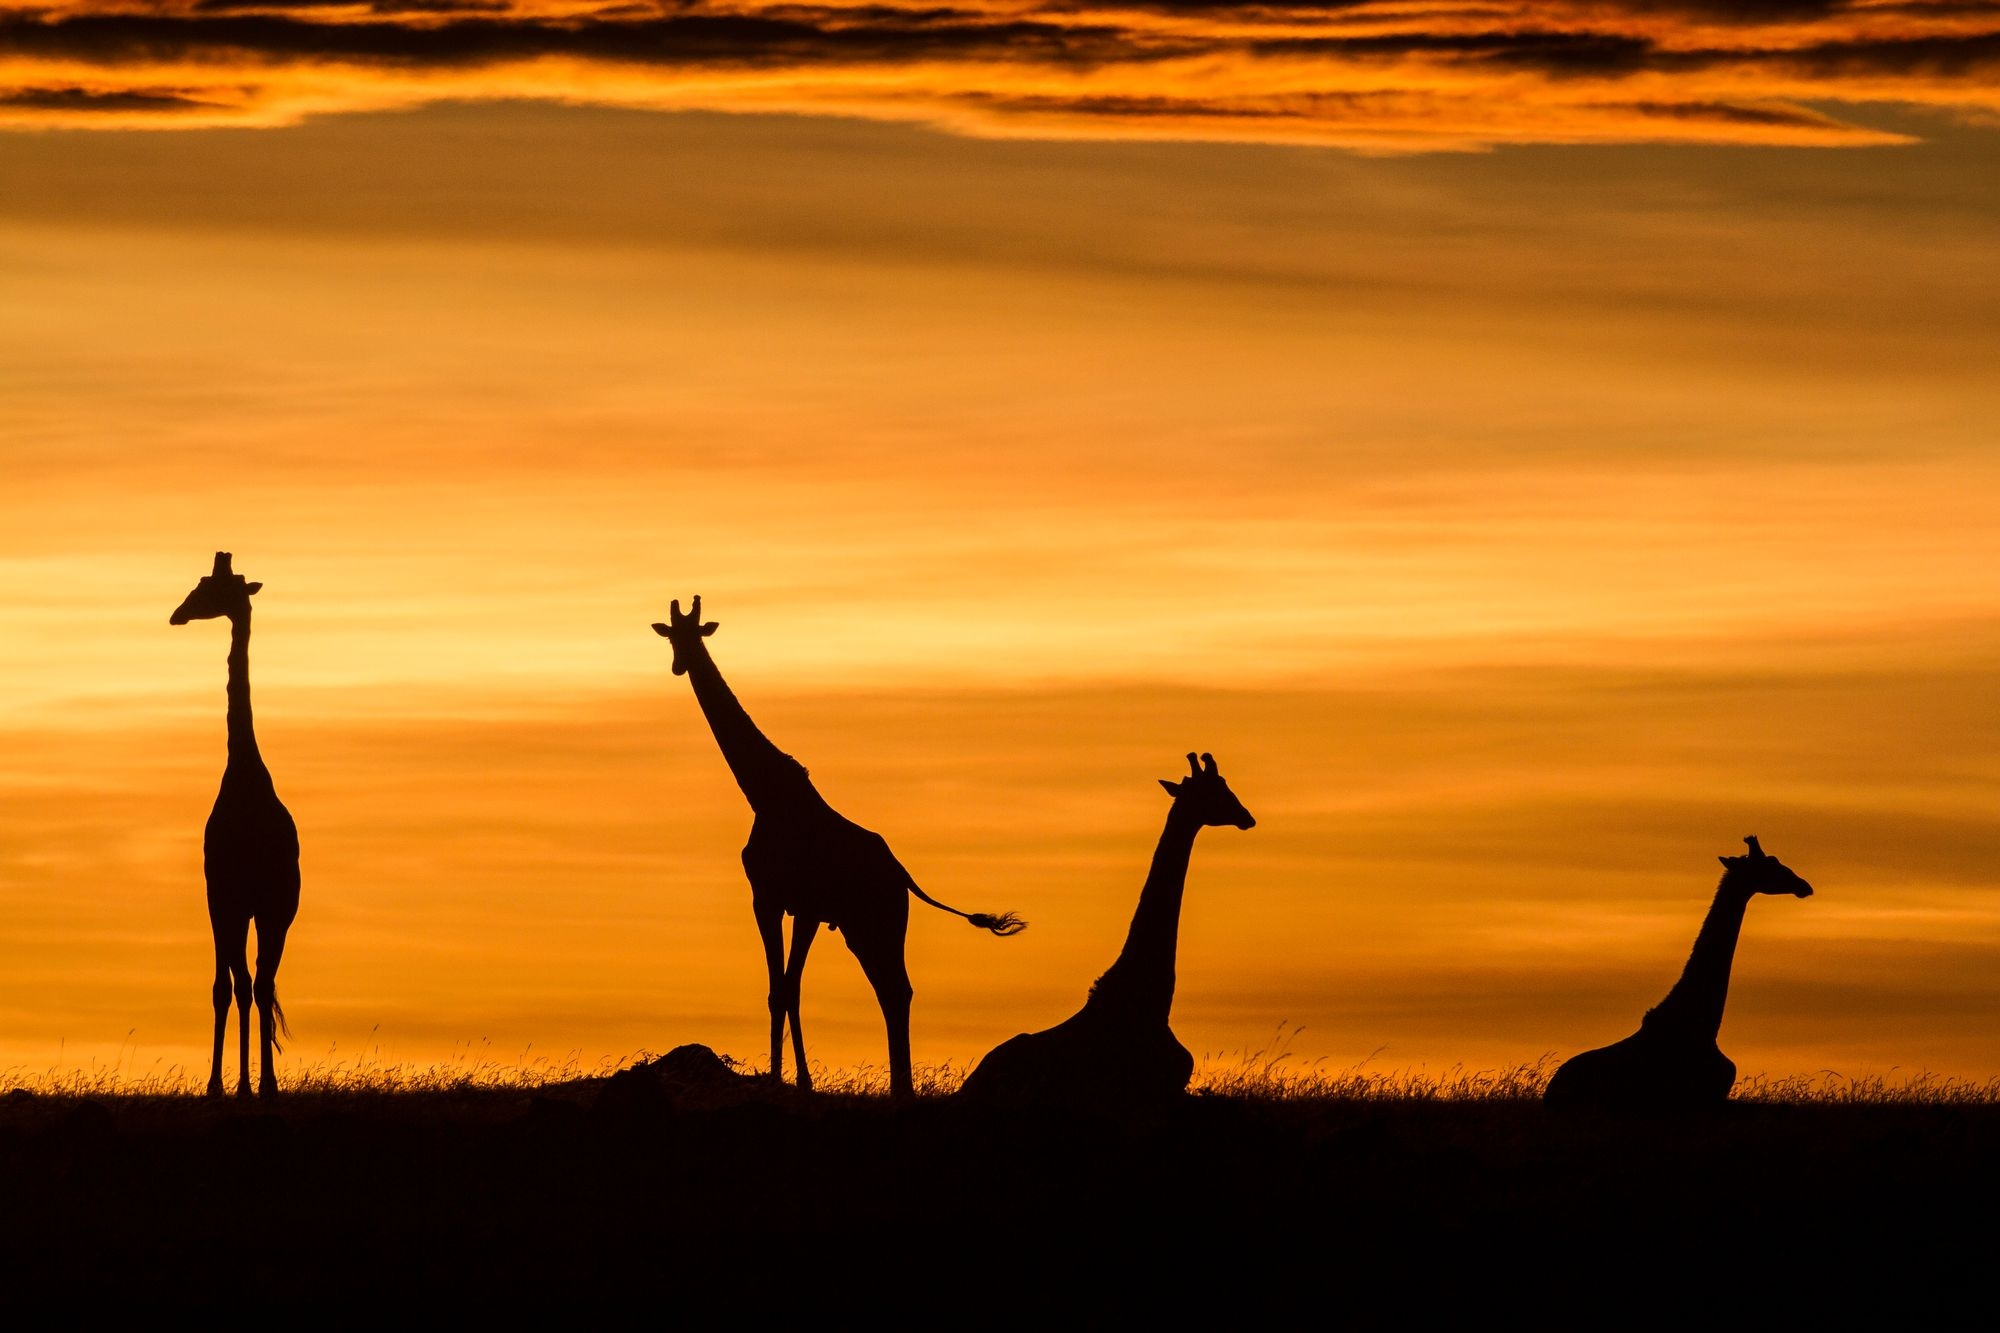 Des girafes au lever du jour dans la réserve nationale du Masai Mara au Kenya